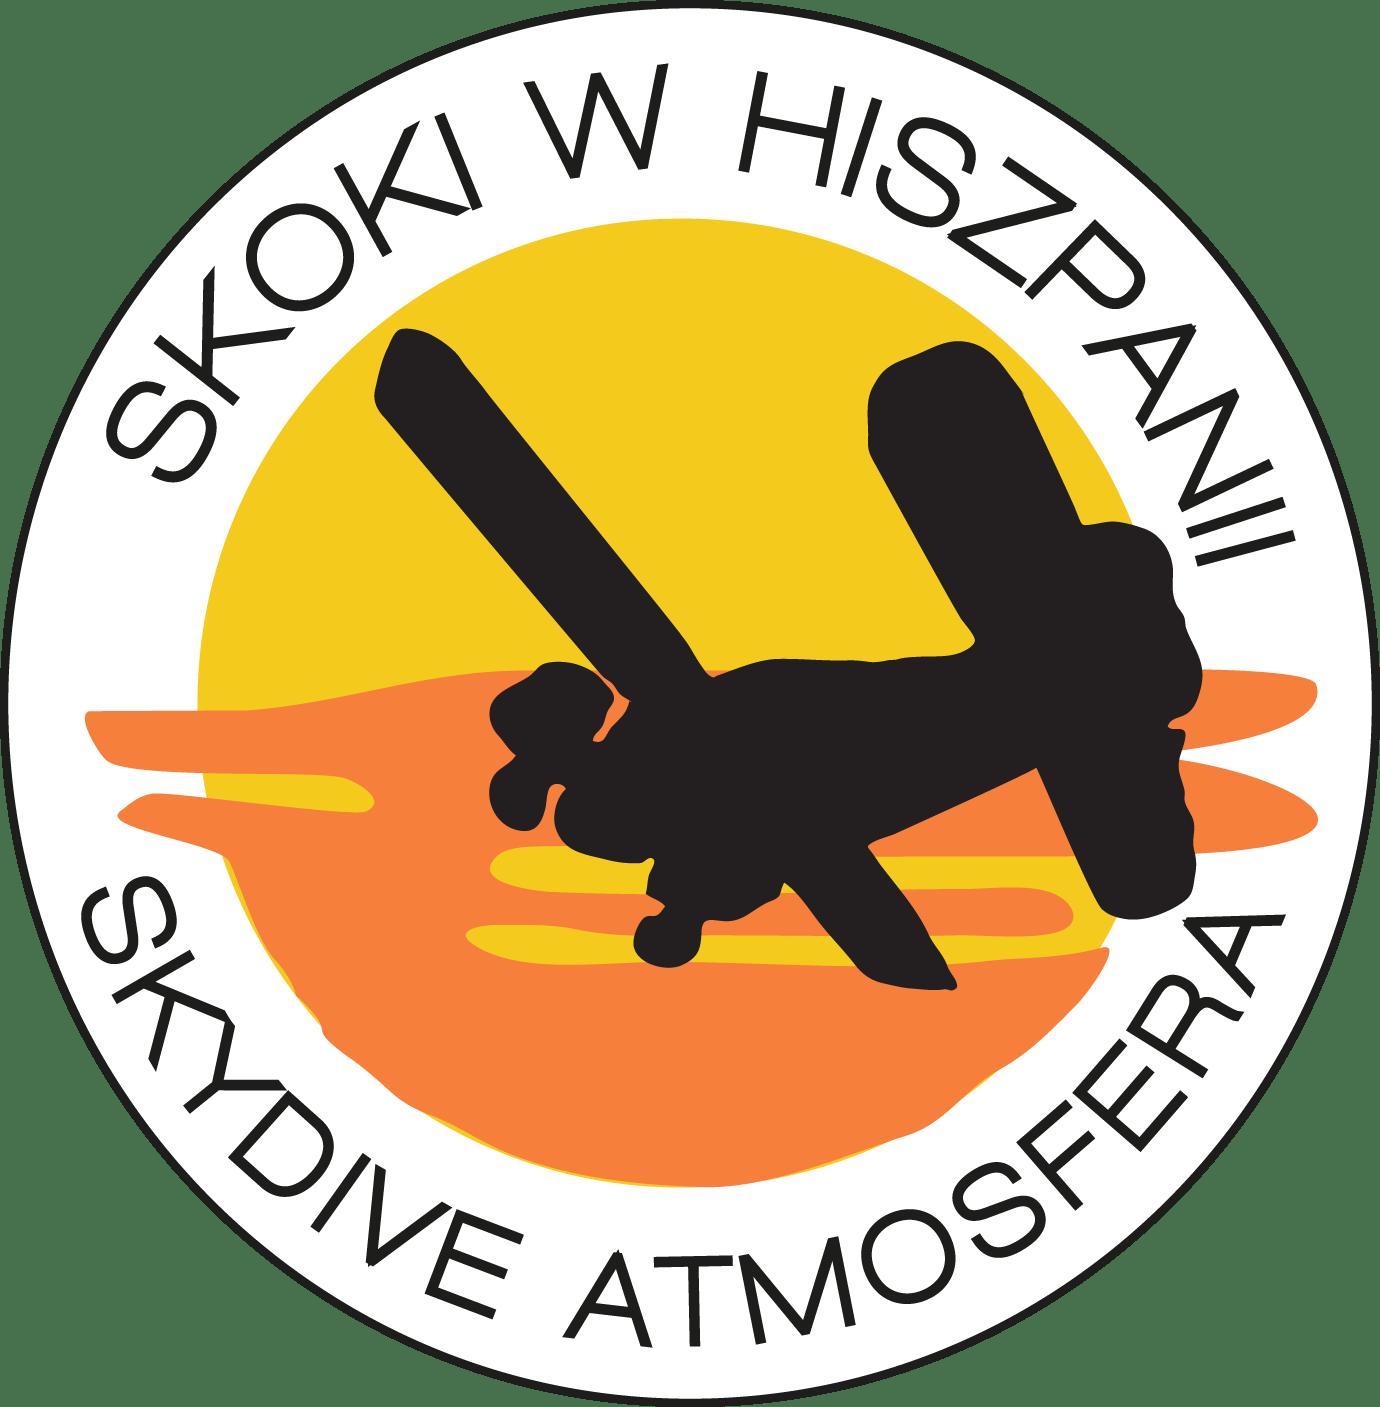 Skydive Atmosfera - najpierw bezpieczeństwo